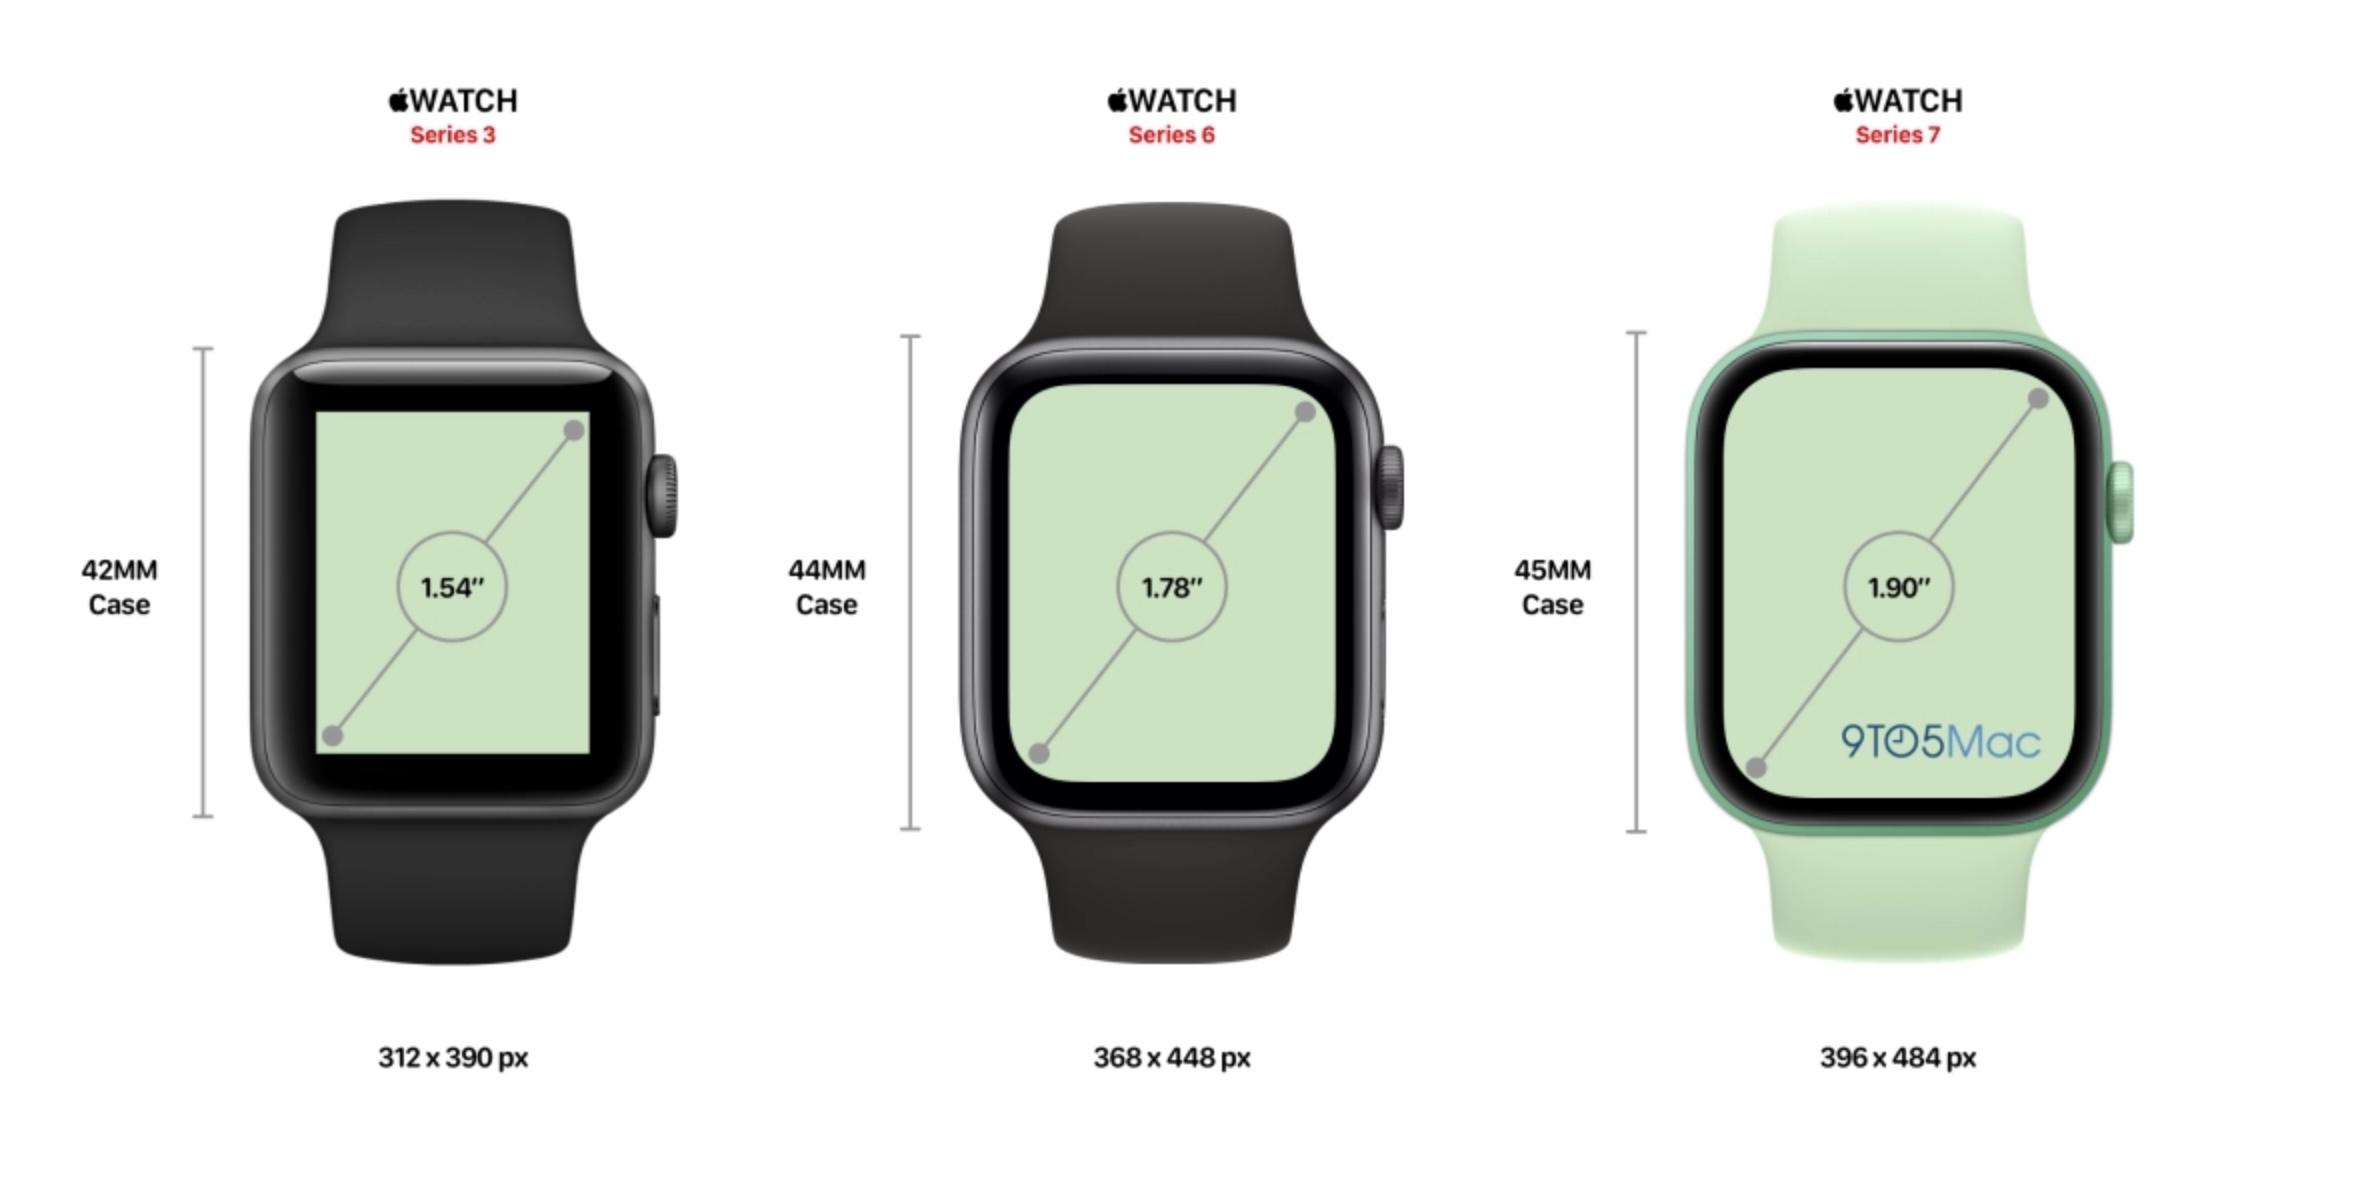 彭博社透露 Apple Watch Series 7 包括屏幕尺寸在内的更多细节